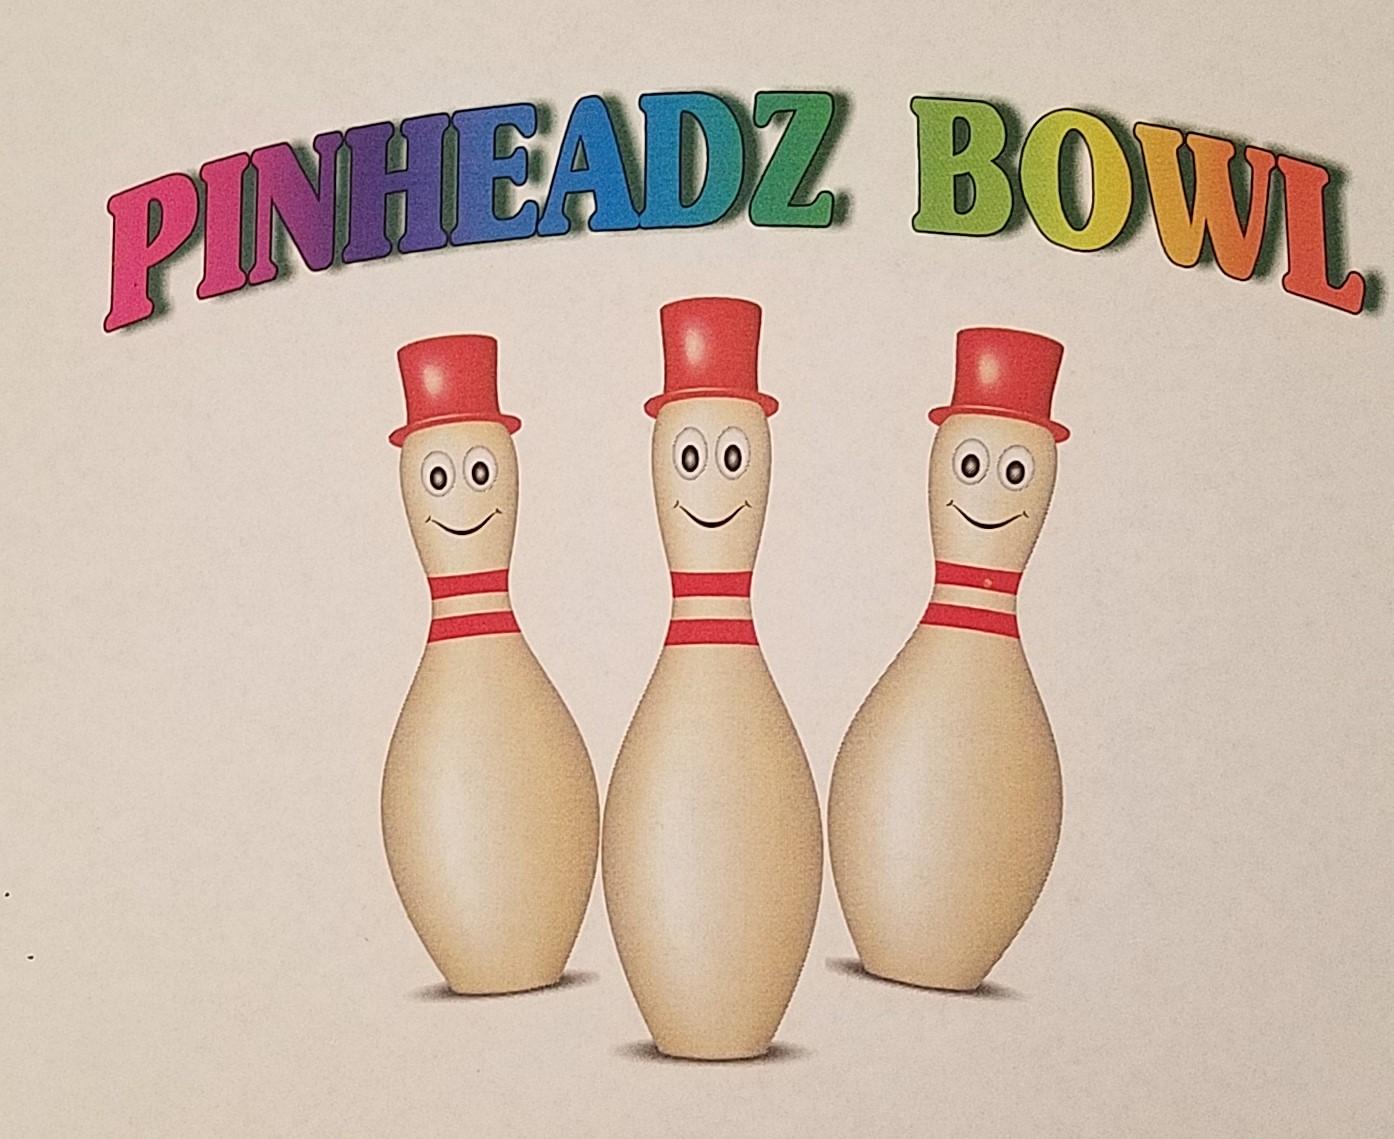 Pin Headz Bowl | Colorado Springs CO